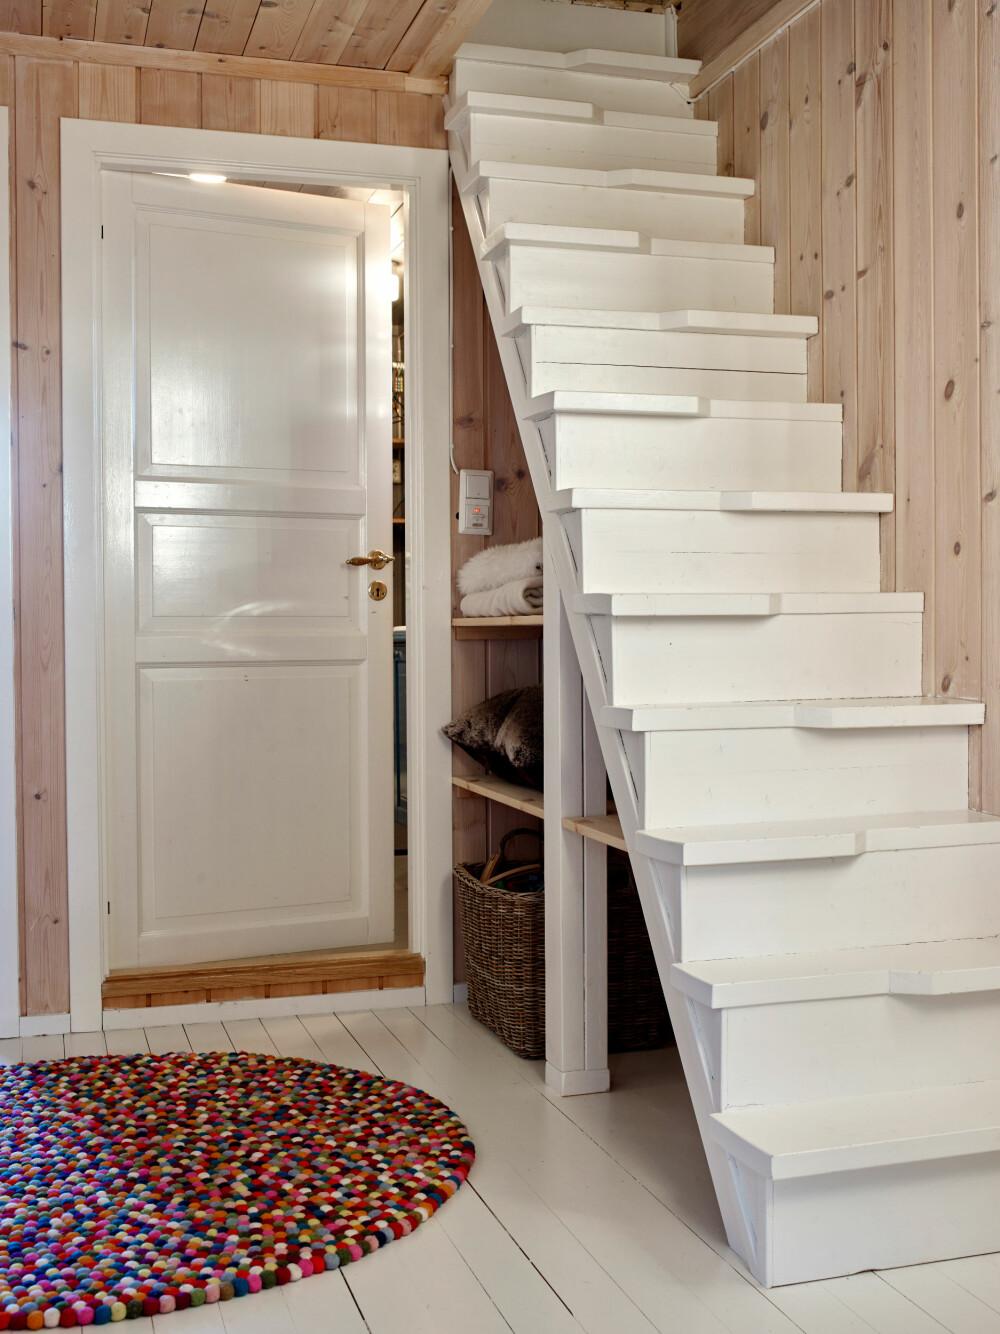 PLASSBESPARENDE: Den lille hemsen brukes også som soverom, og den måtte ha en god trapp. Med liten plass tilgjengelig tegnet Anette selv en plassbesparende trapp. Matte fra Hay.